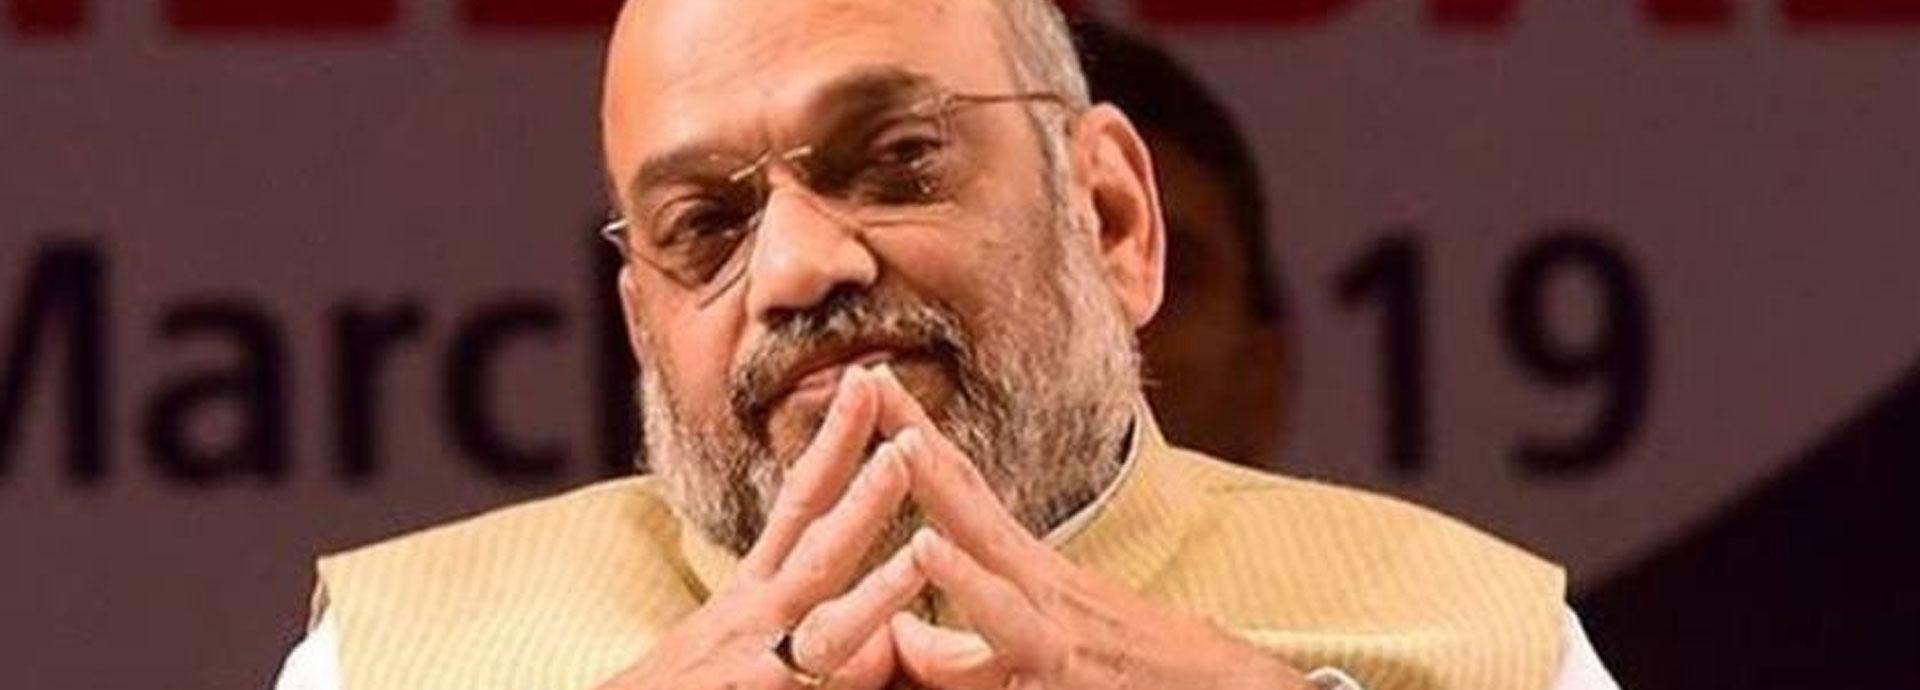 गुजरात के बाद मध्य प्रदेश और कर्नाटक में भी  BJP ने कांग्रेस को उलझाया